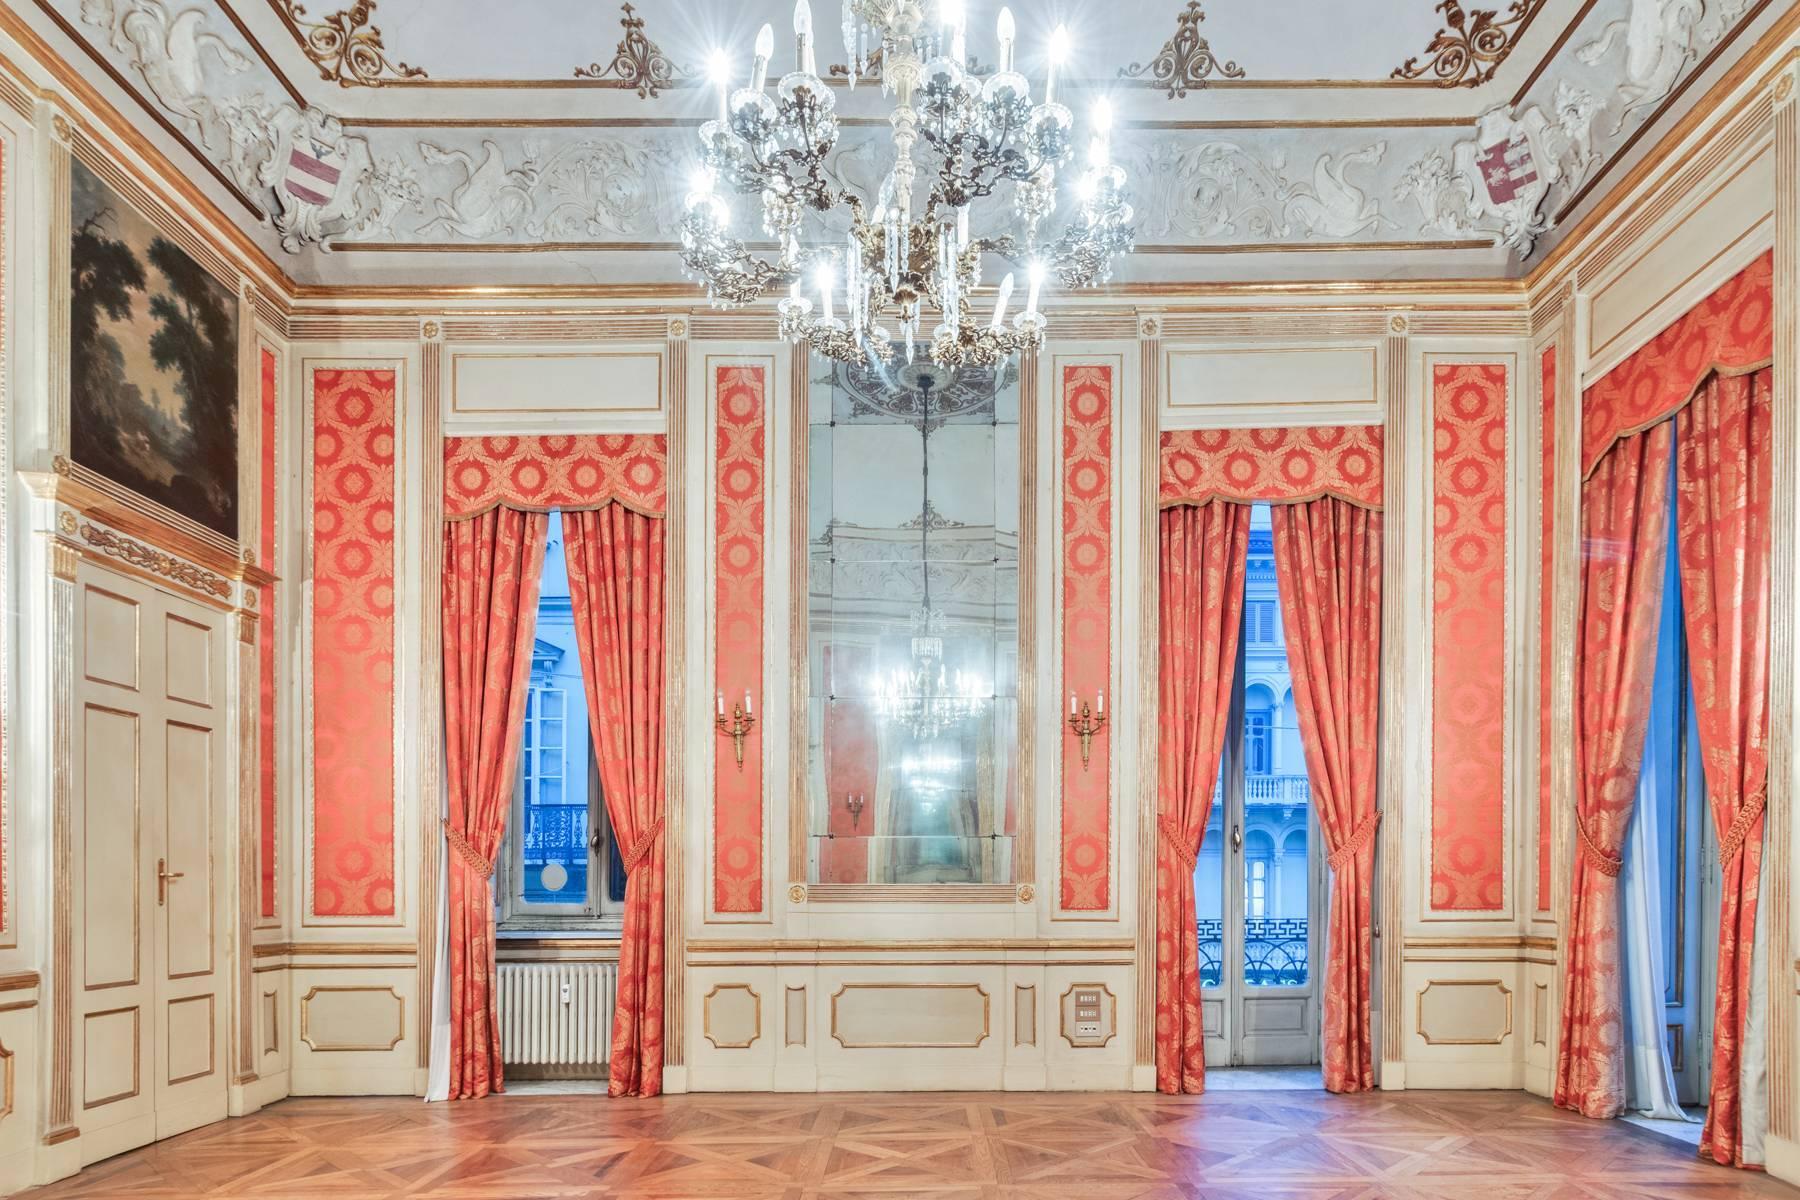 Appartement élégant dans un palais historique - 18